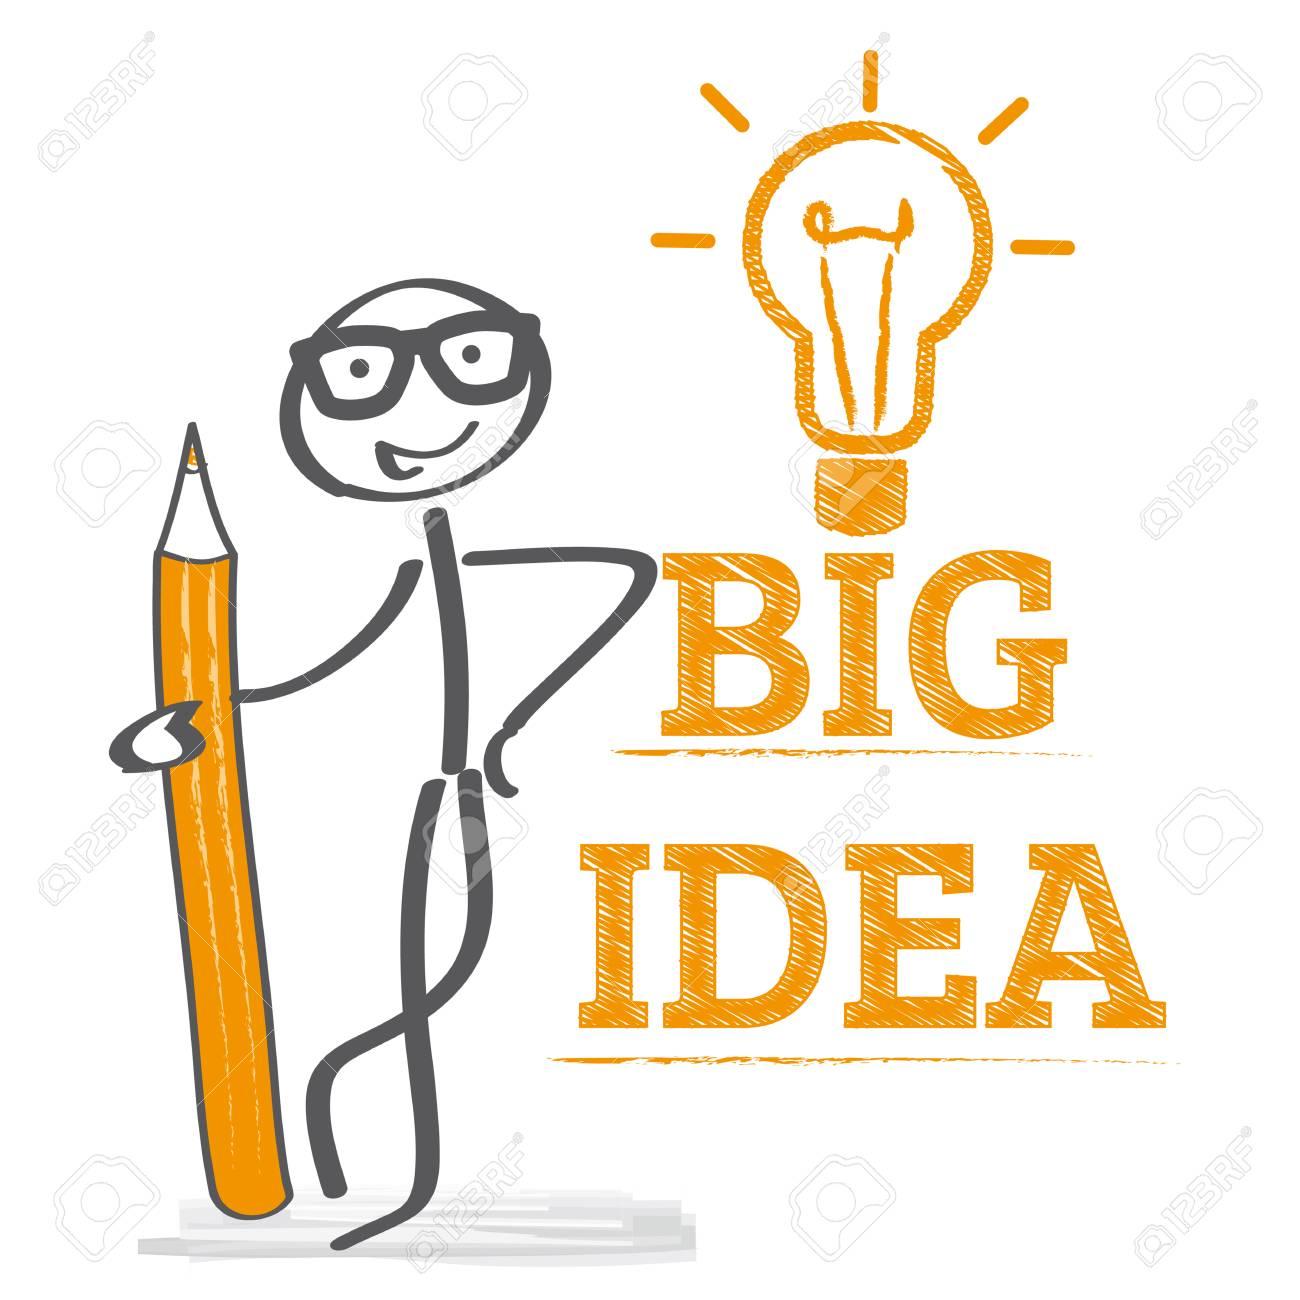 Big idea concept vector illustration - 80393688